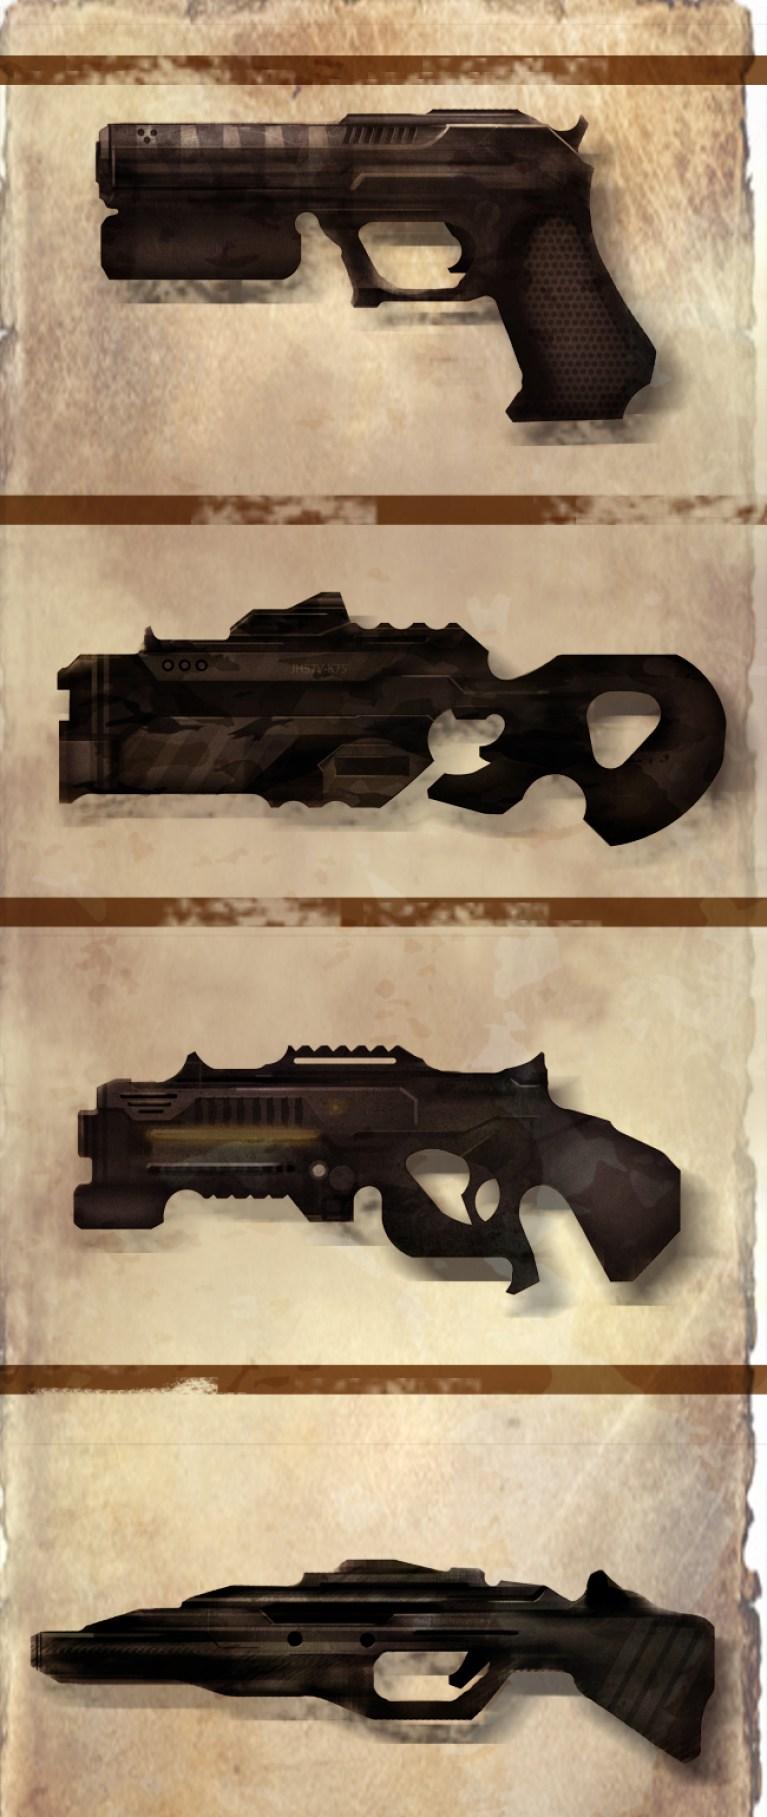 Concept art de vídeojuegos: Las armas.